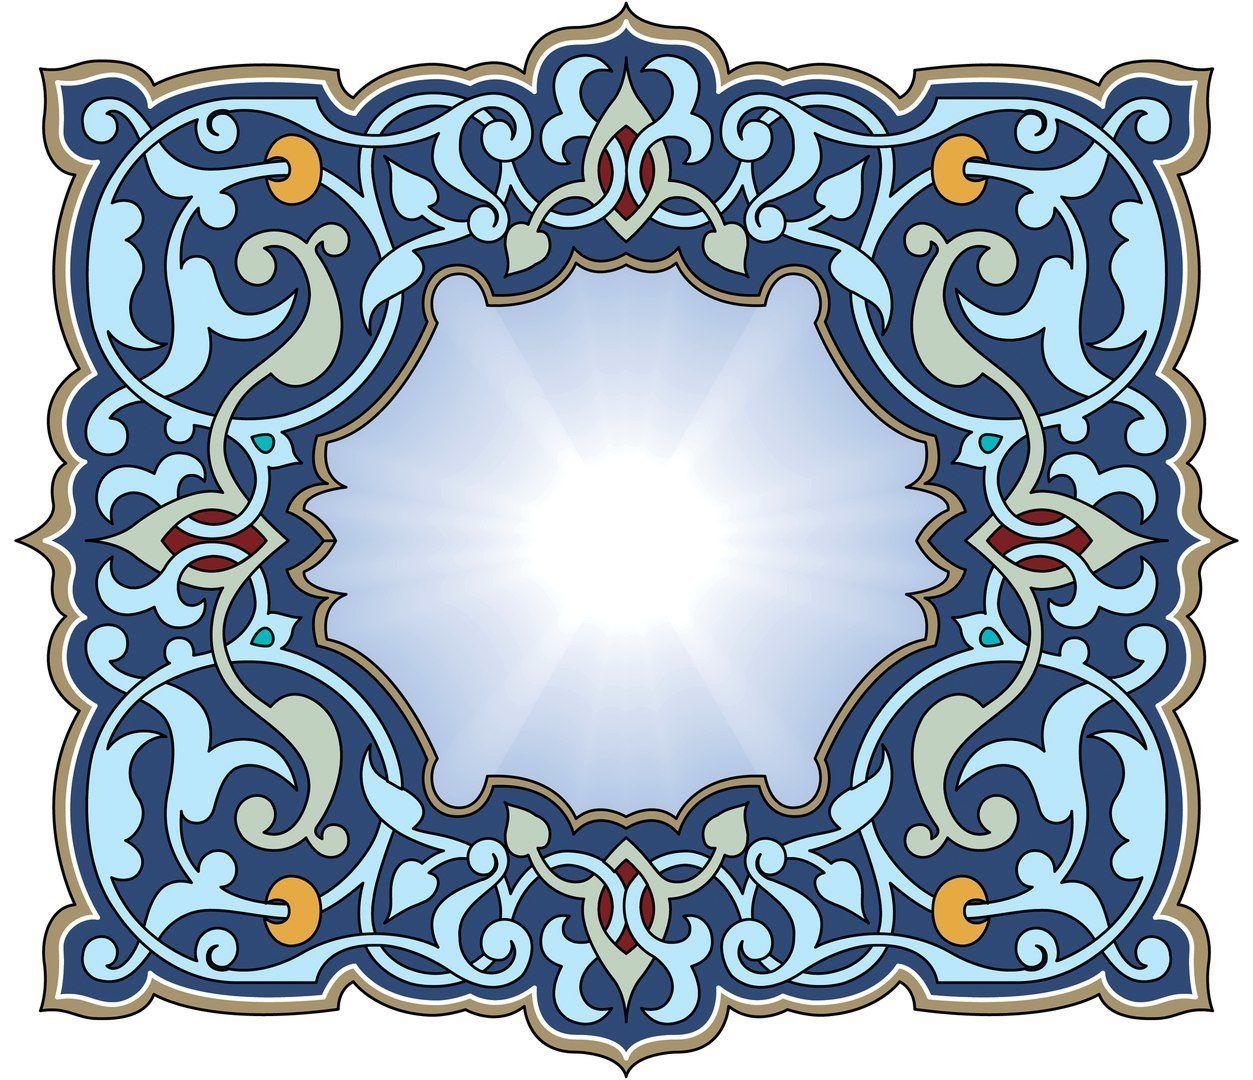 Одноклассники | Исламские узоры, Арабский узор, Арабское ...